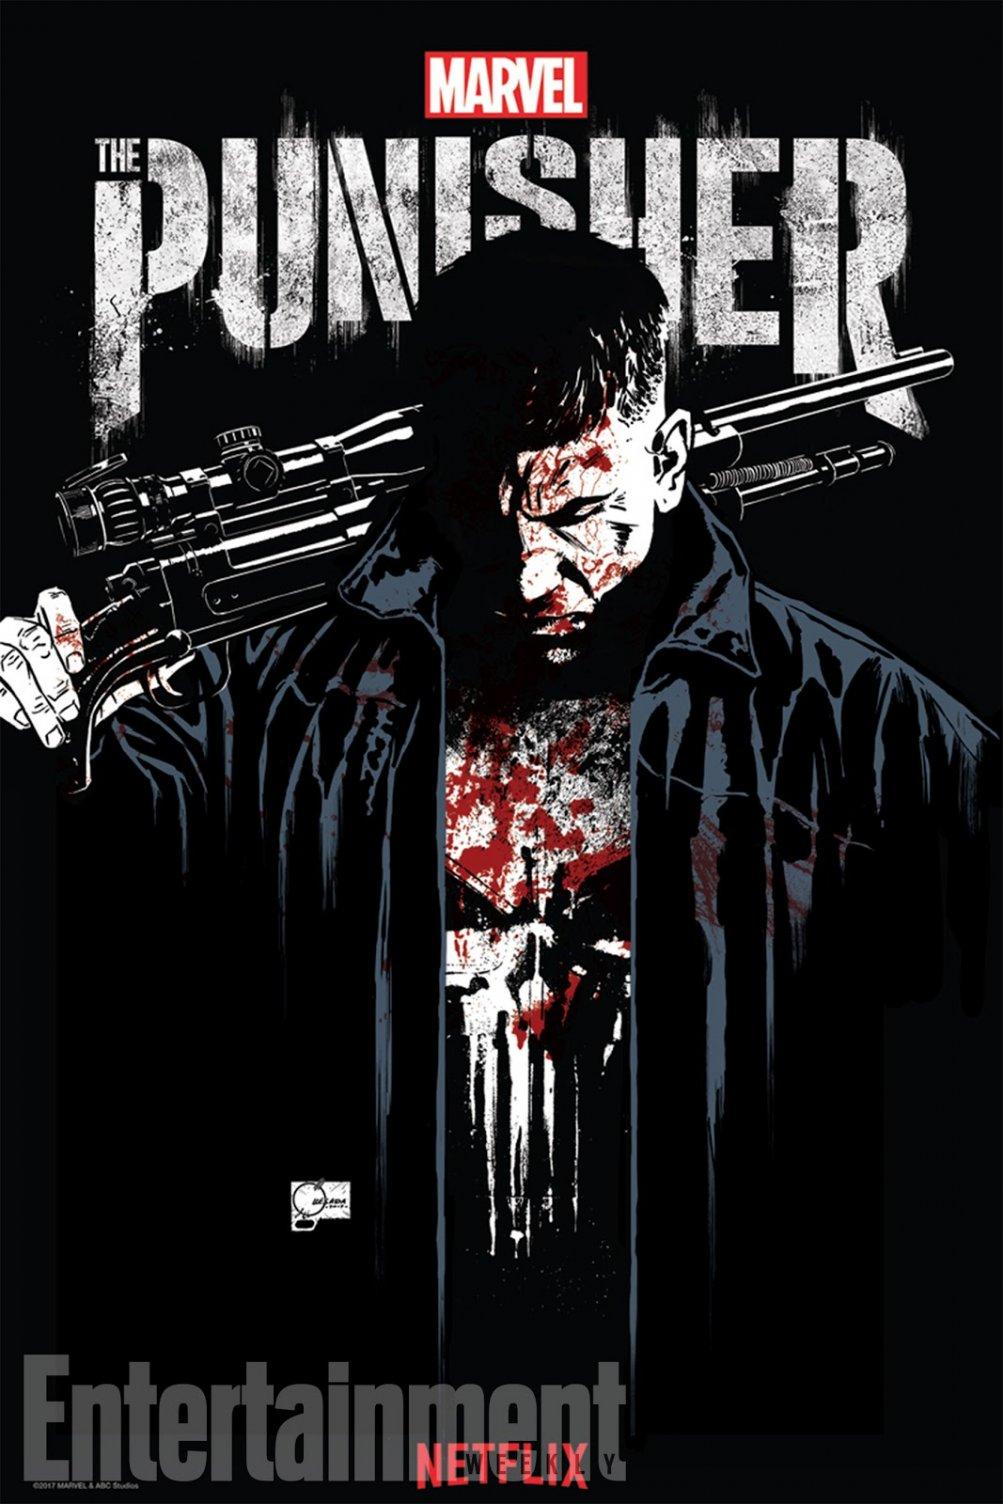 The Punisher: il poster realizzato per il Comic-Con